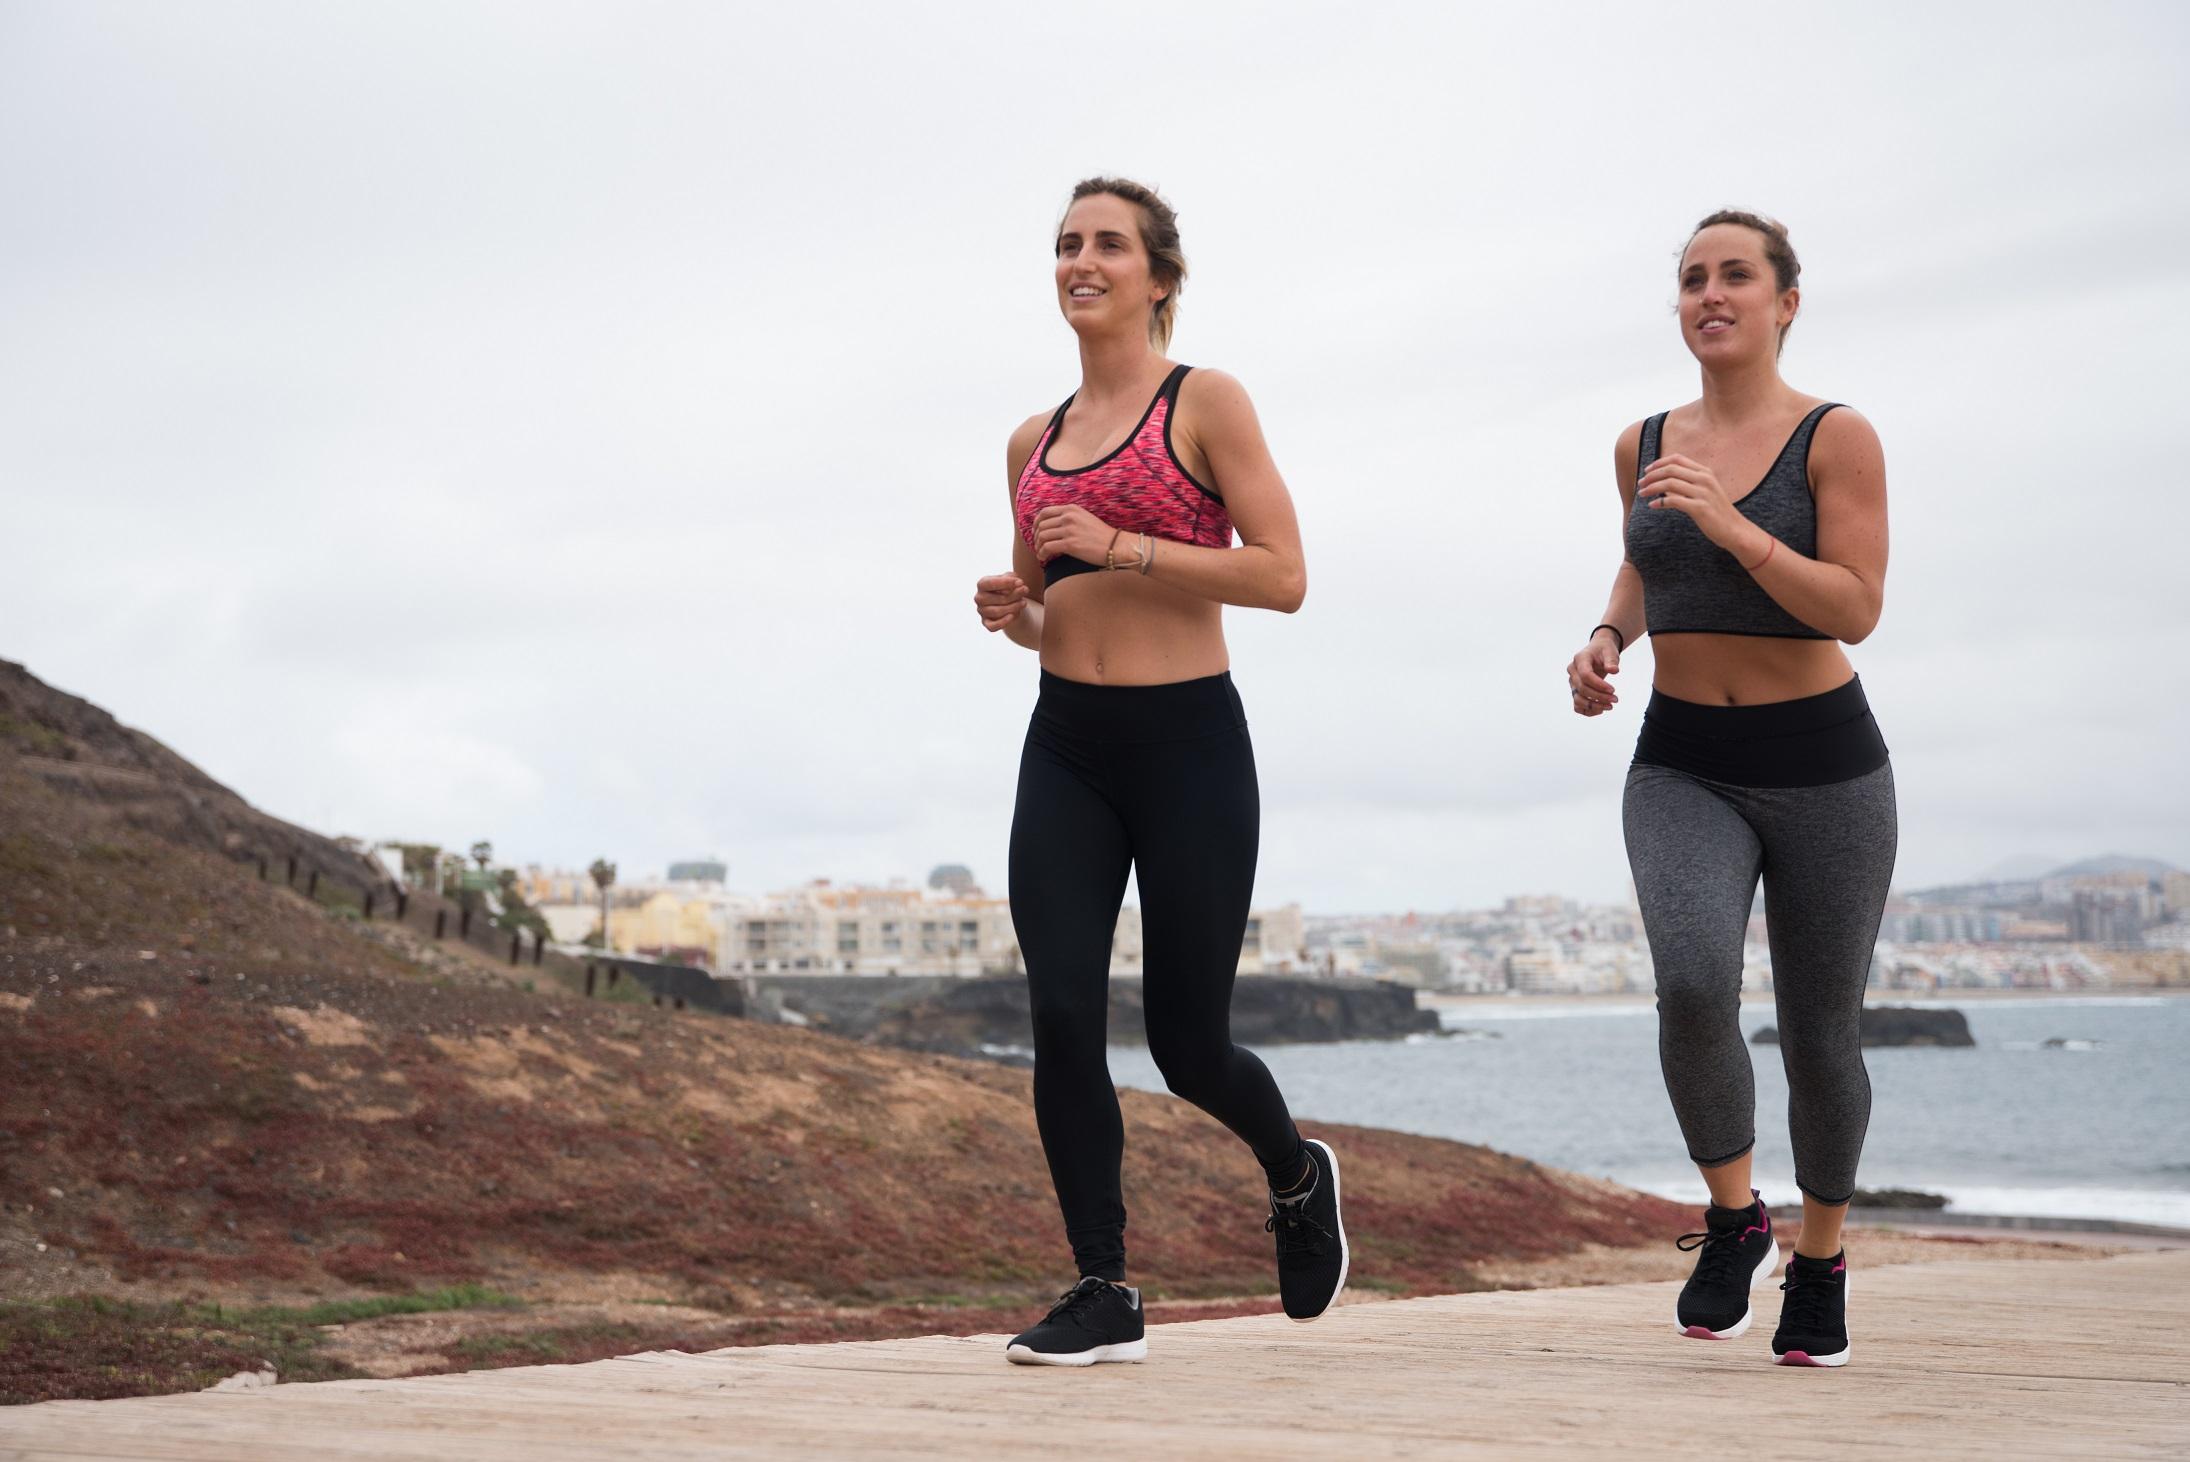 Treinar com amigos: pode te deixar mais rápido ou te atrapalhar? - Foto: Adobe Stock